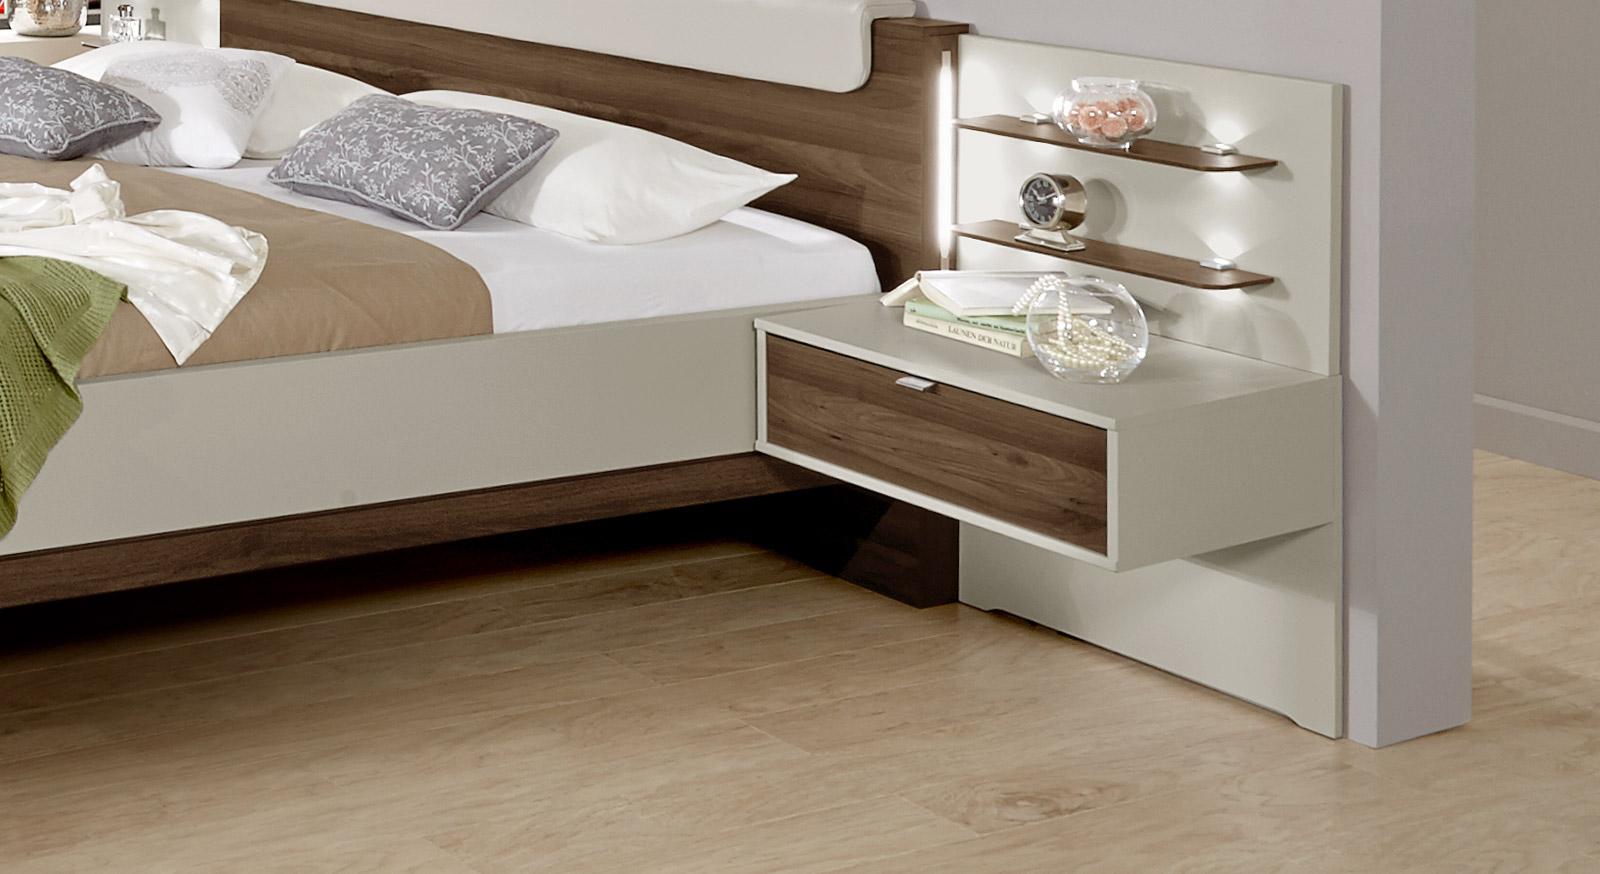 Nachttisch Patiala mit einer Schublade und Wandpaneel